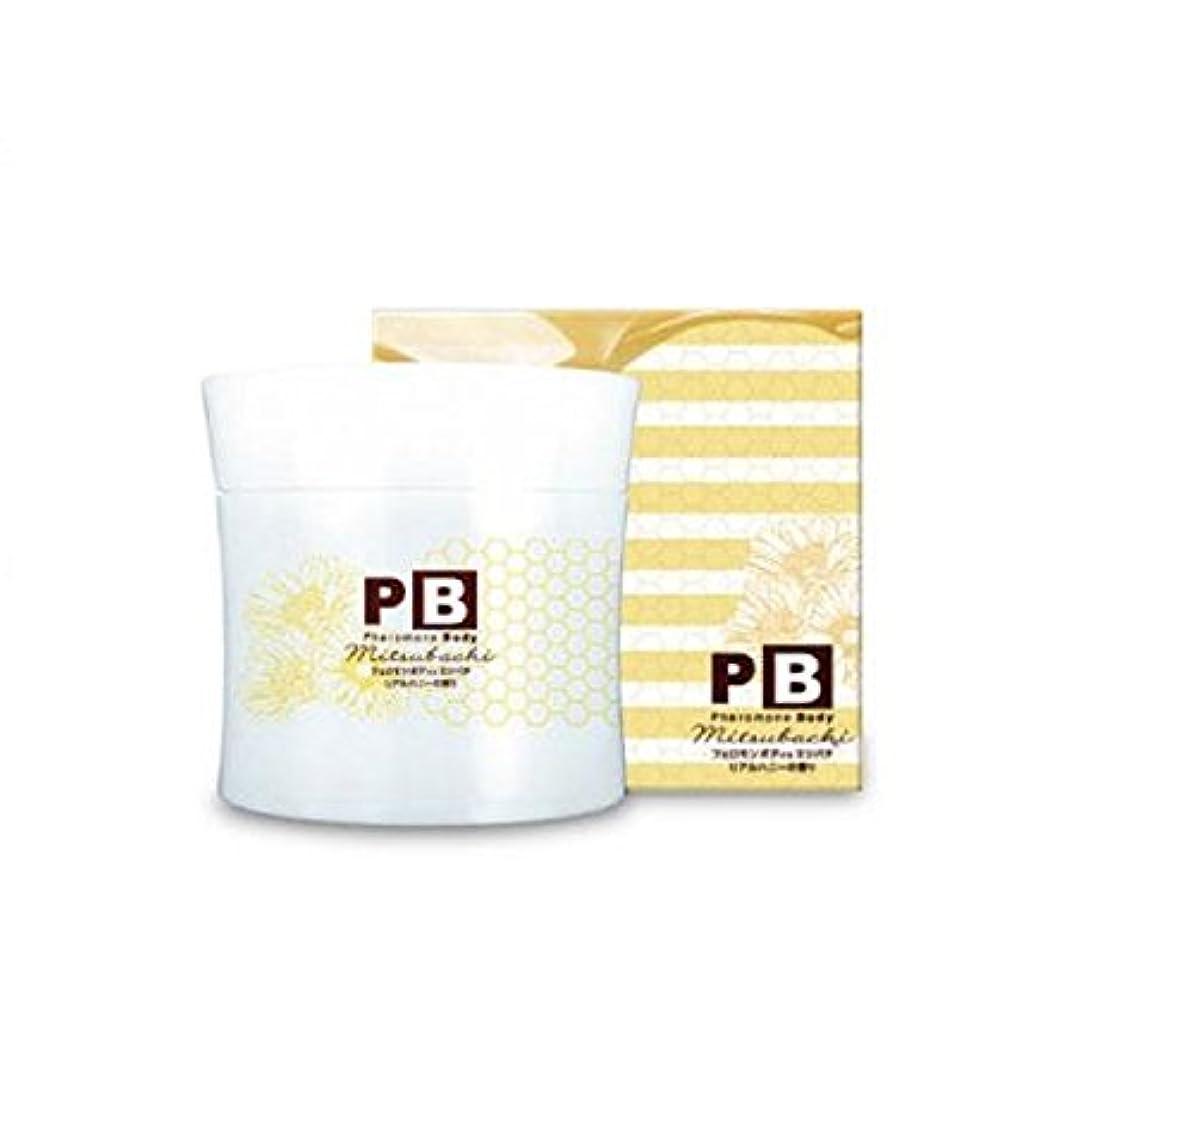 おとなしいホイール内訳Pheromone body(フェロモンボディ)® ミツバチ 500g